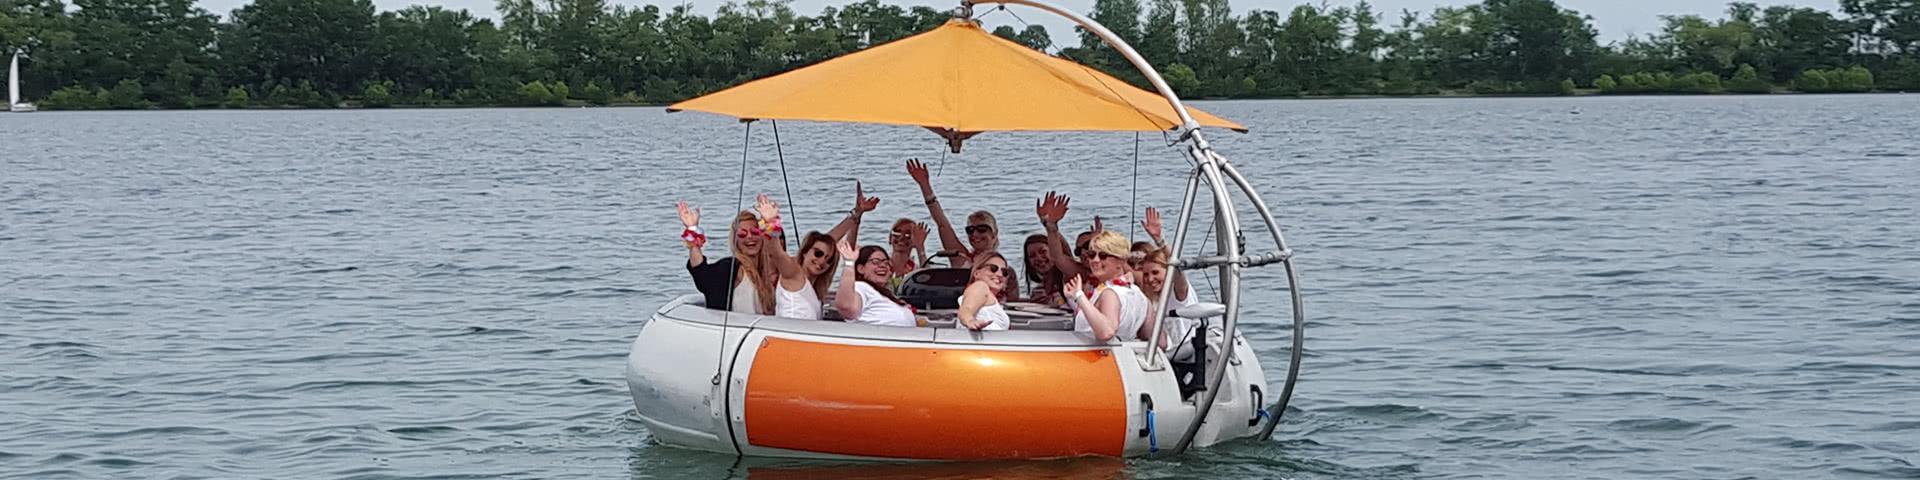 Feiernde Gruppe auf einem Donut auf dem Zülpicher See